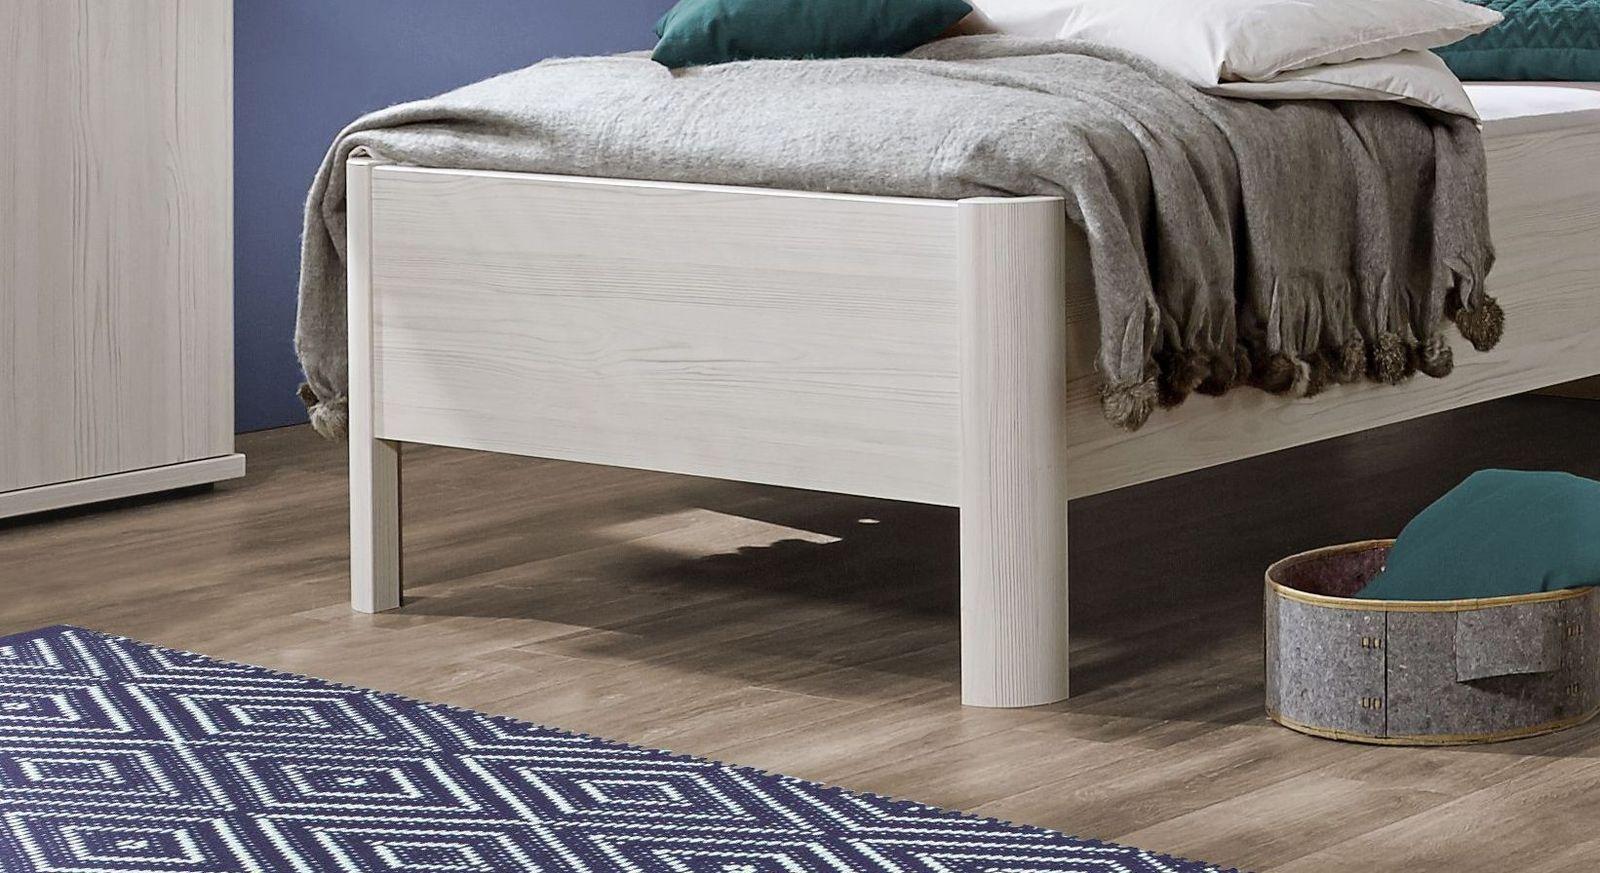 Komfort-Einzelbett Apolda mit abgerundeten Bettbeinen